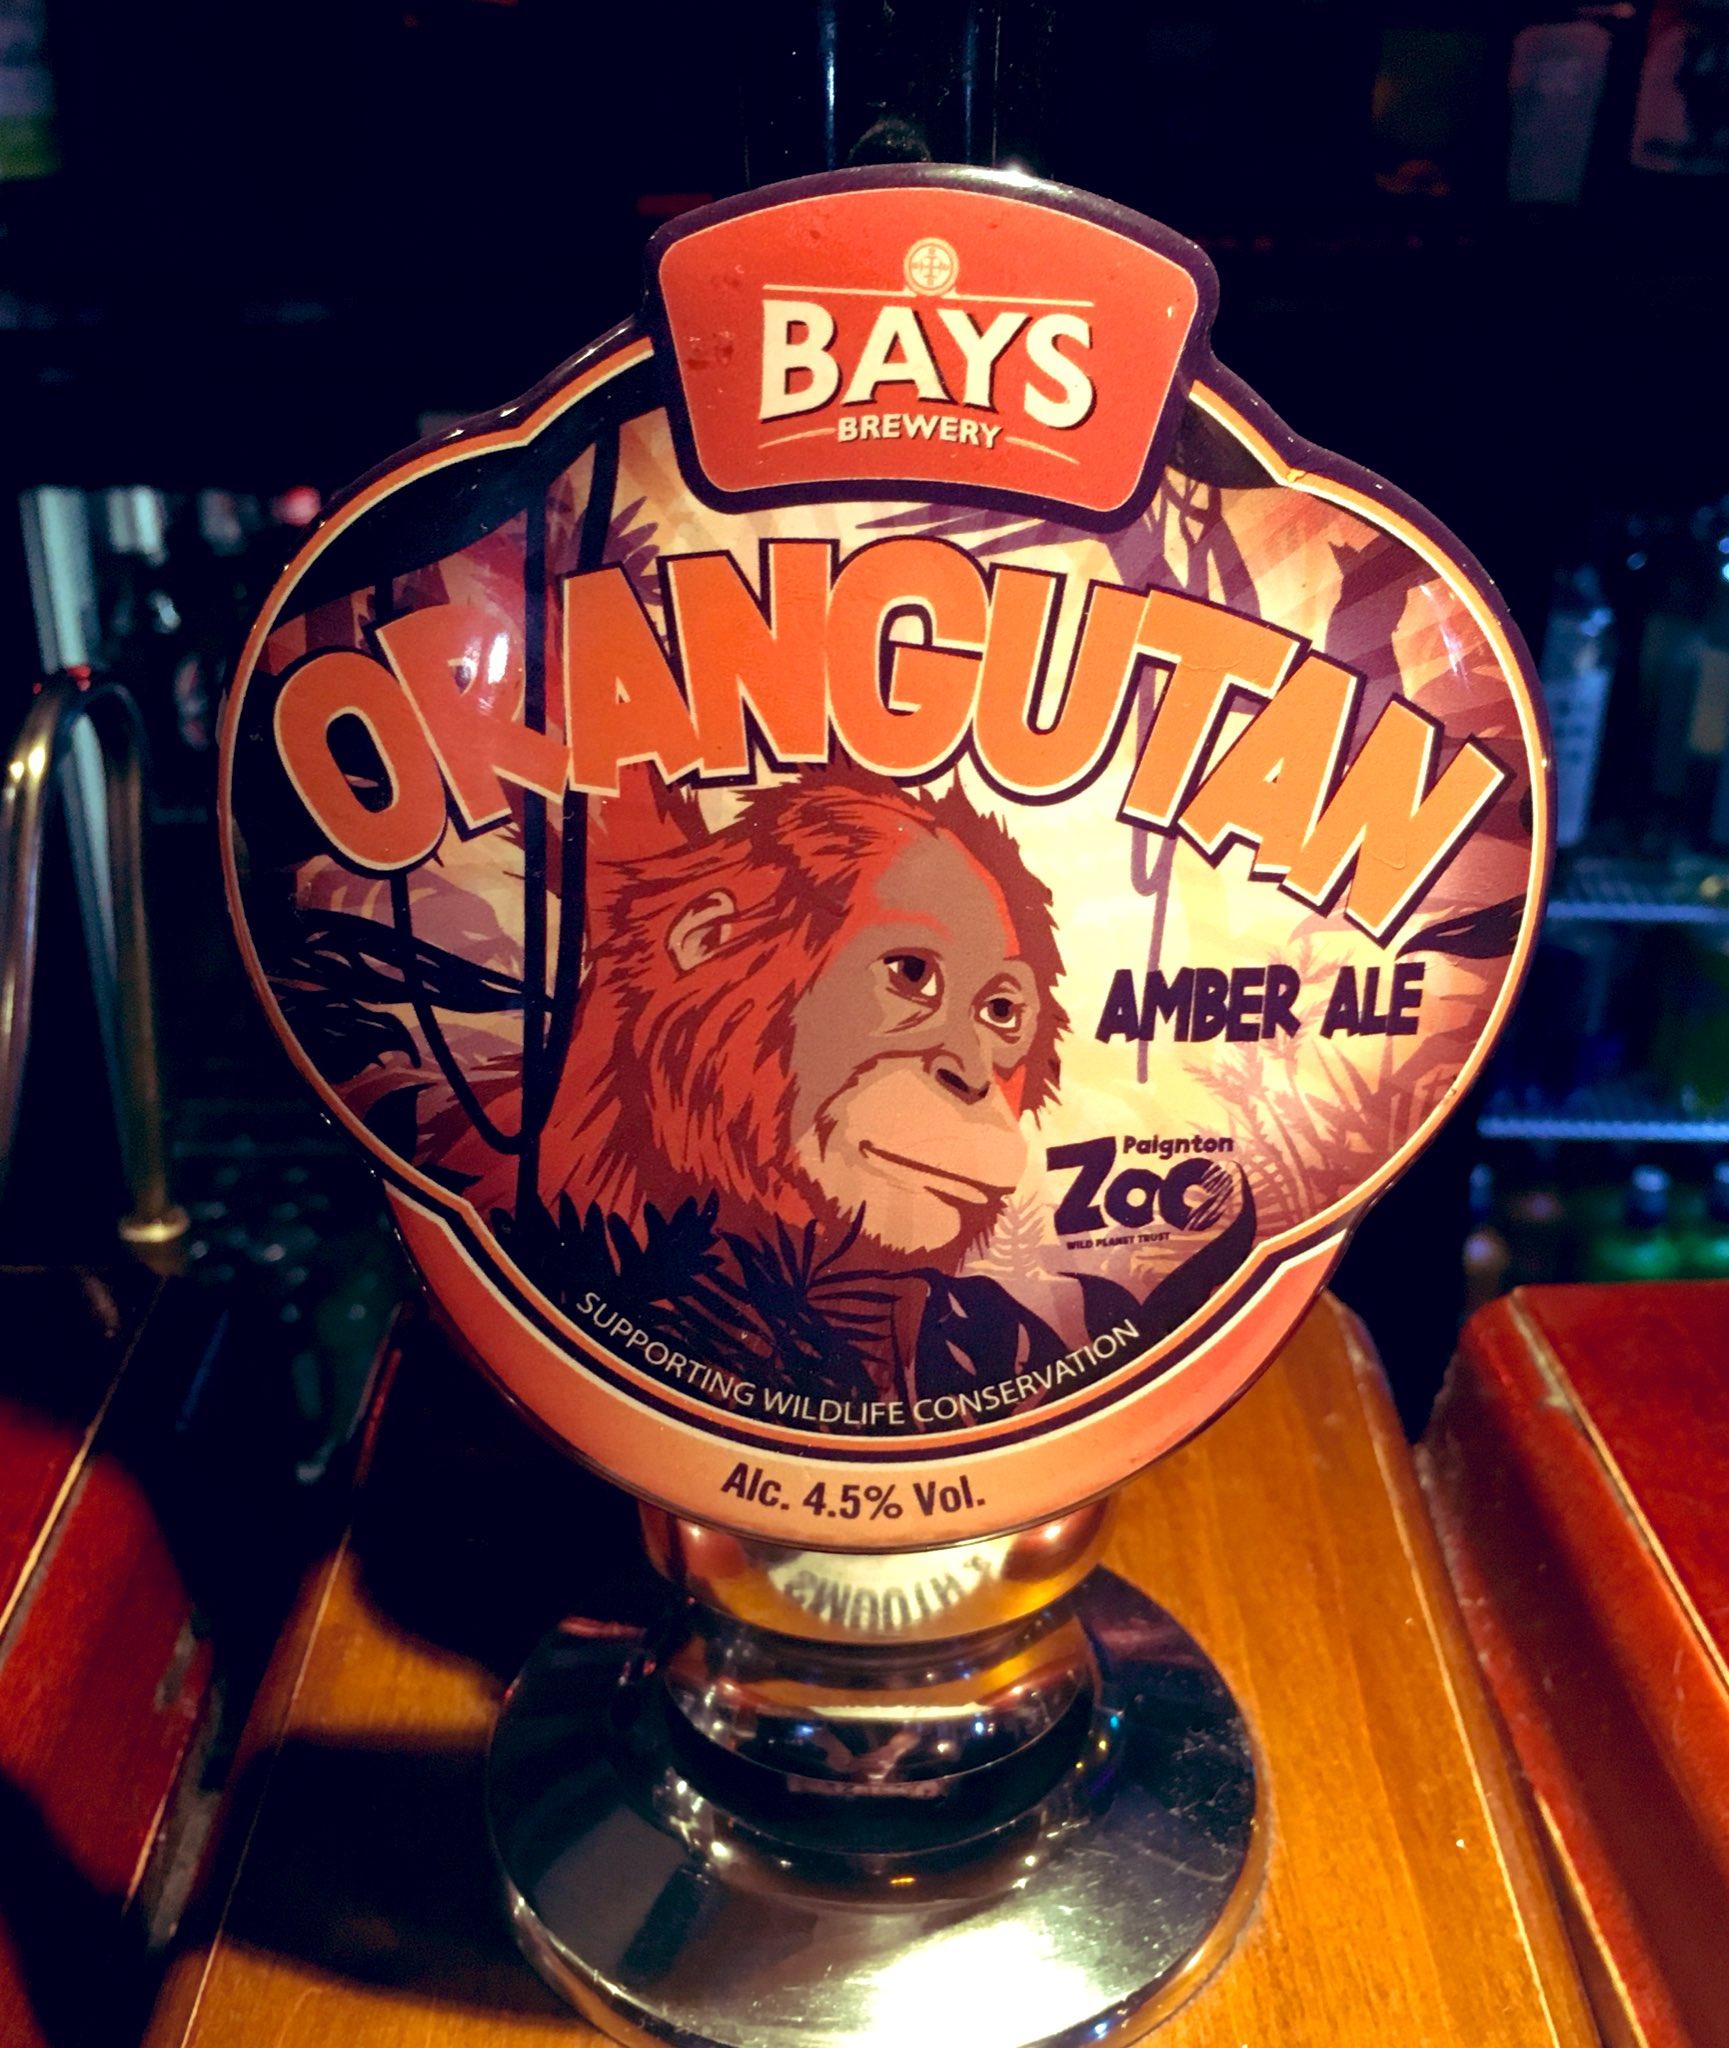 185: Orangutan